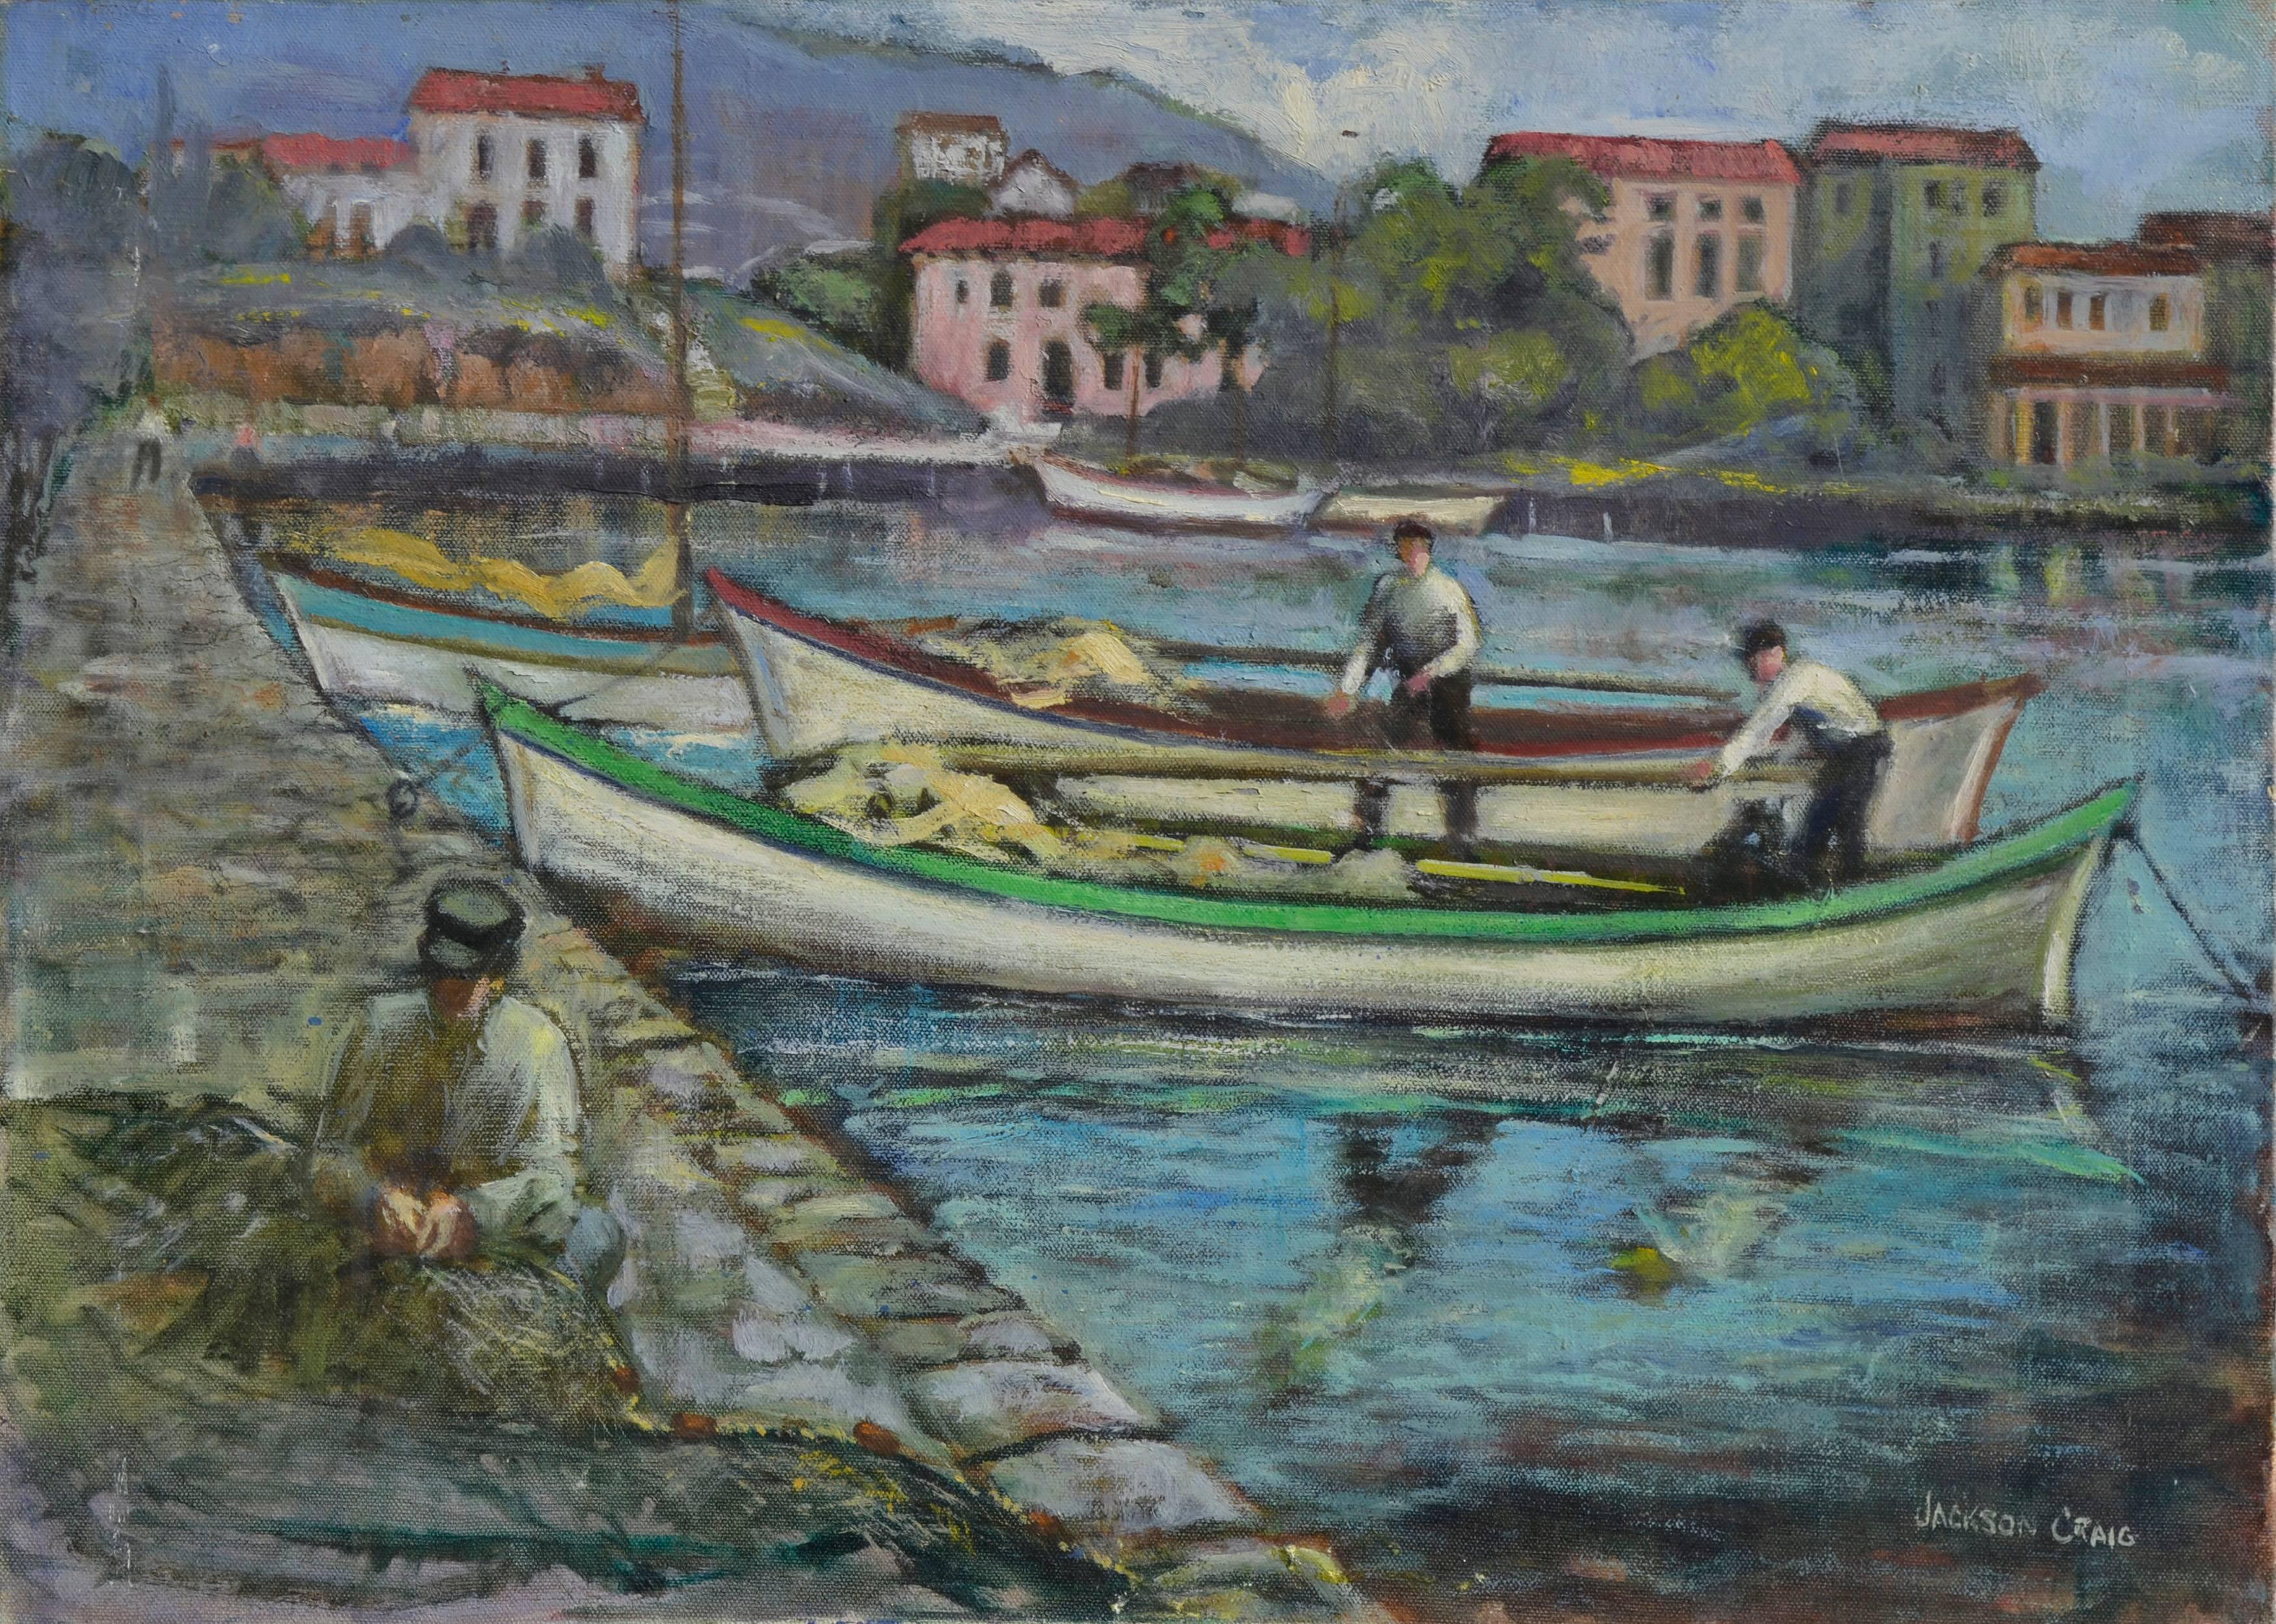 The Day's Catch Portofino, Italy - Figurative Landscape